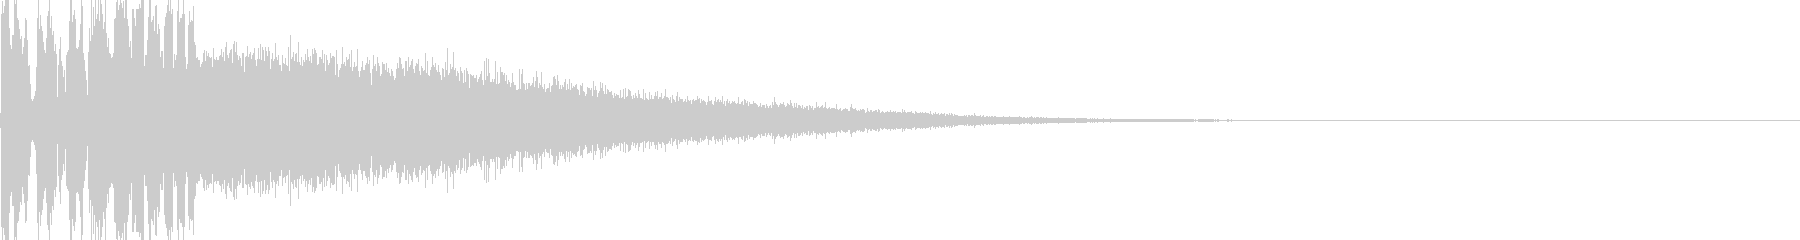 FMラジオジングル制作にピッタリな音の未再生の波形